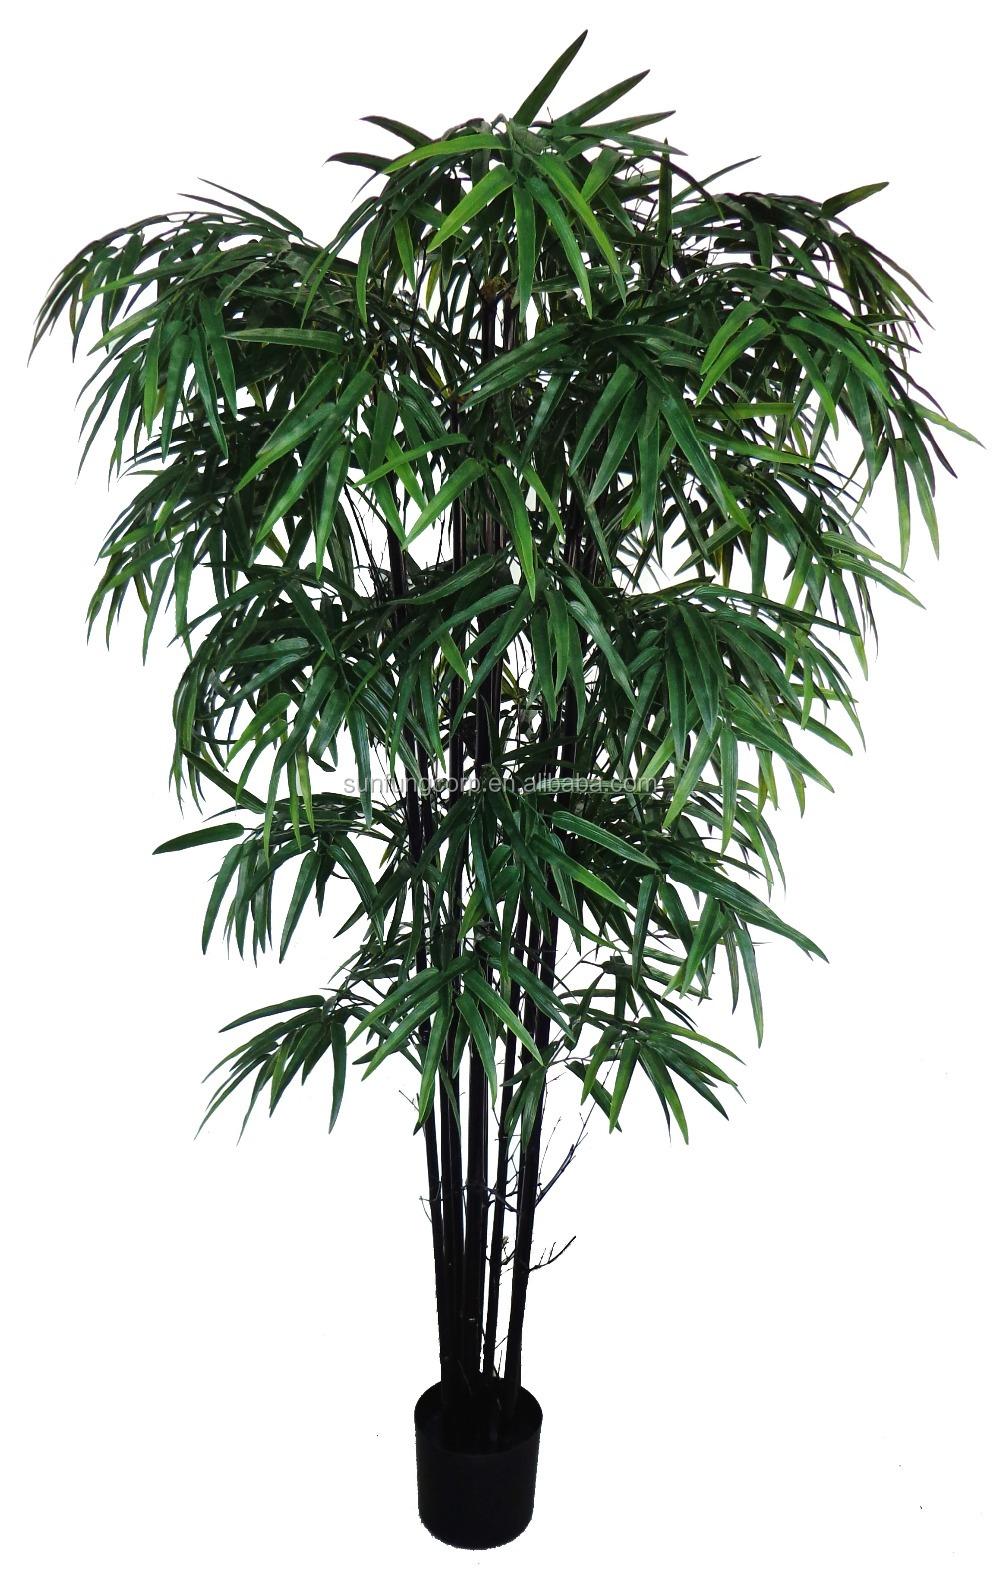 Qualit artificielle bambou arbre pour jardin d coration for Arbre artificielle